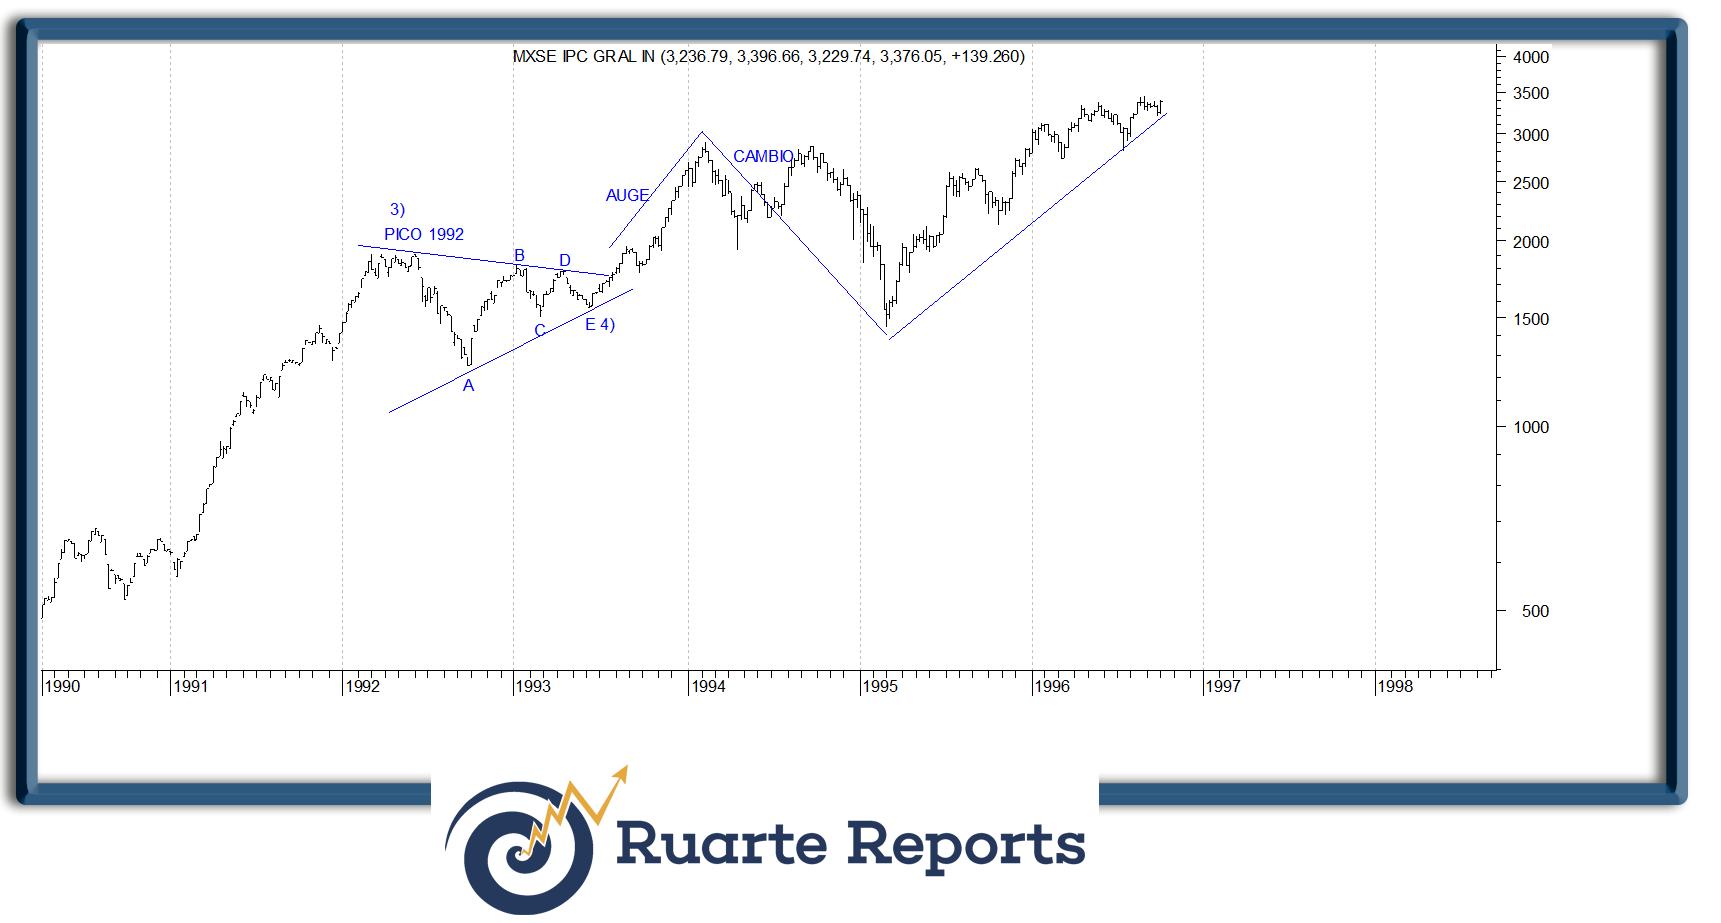 La BMV repetirá en 2016 el patrón de 1992-1994?